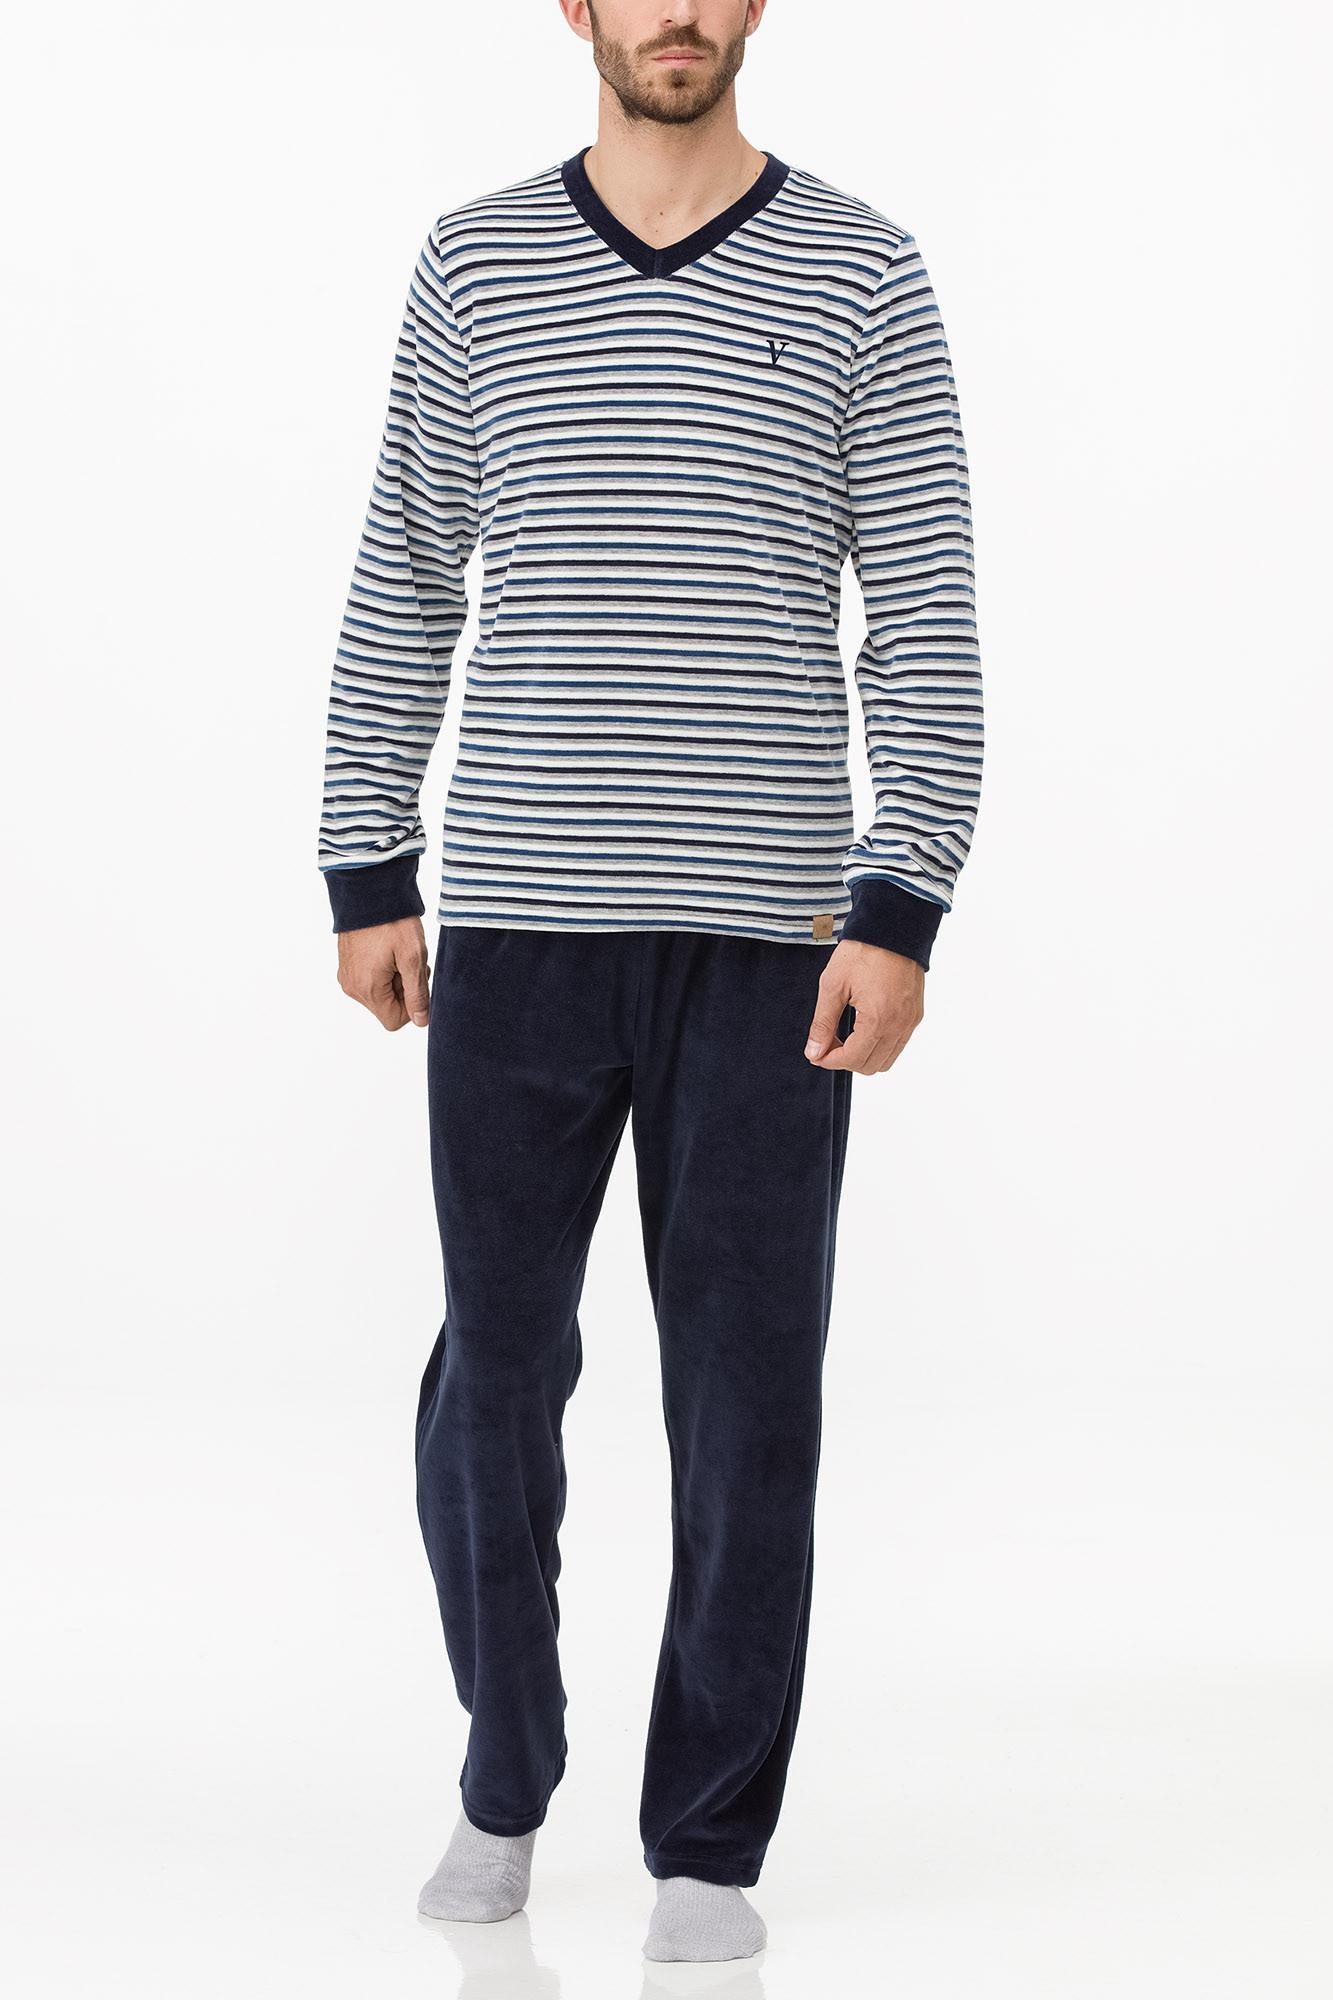 Vamp - Pánske pyžamo 11734 - Vamp blue blazer m